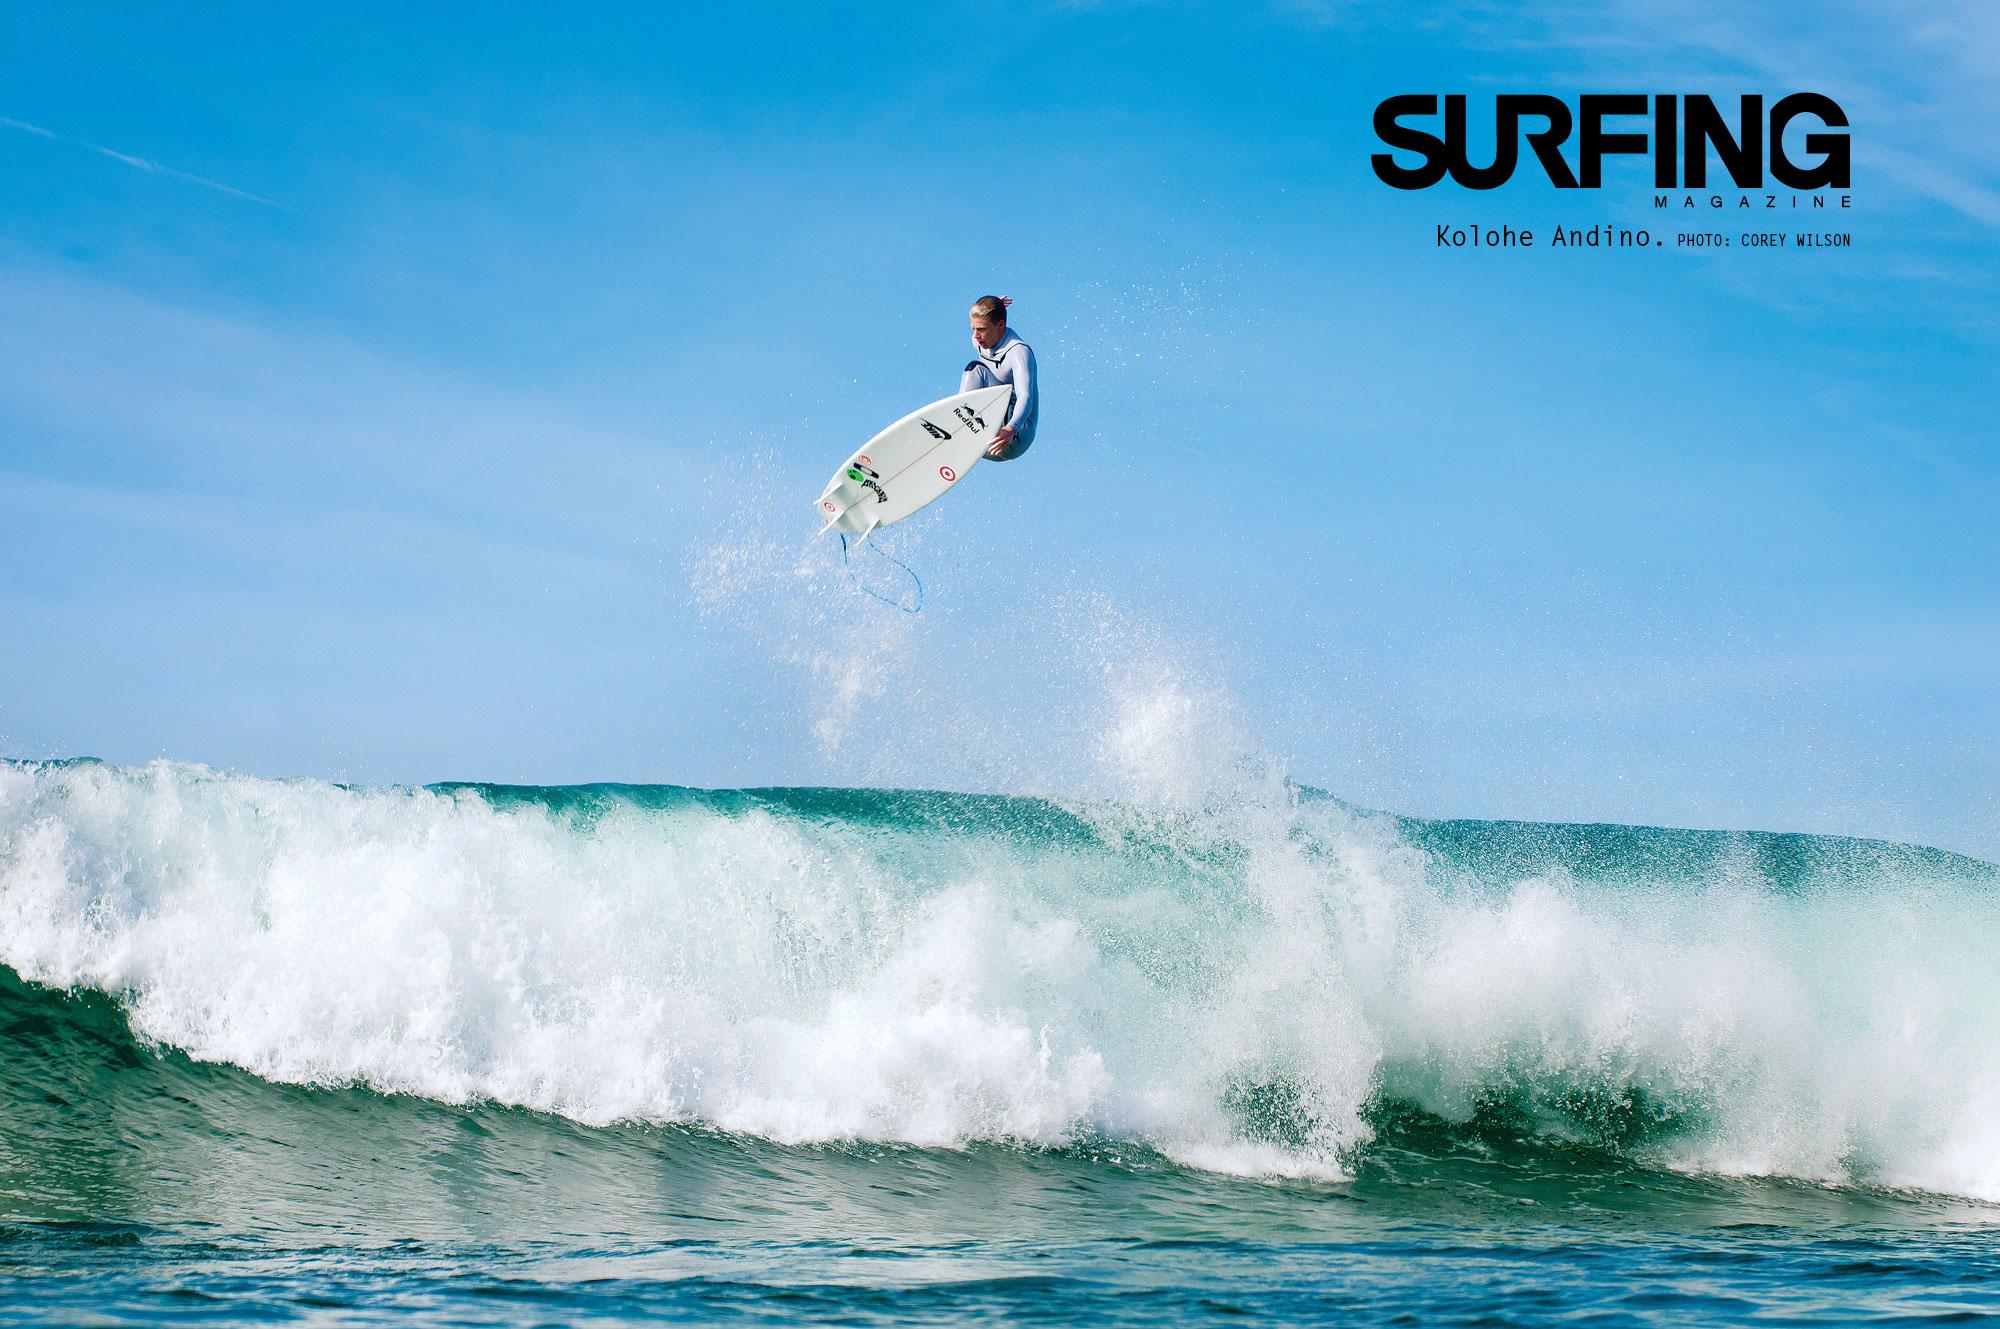 Kolohe Andino Photo Corey Wilson Photo 44567 SURFING Magazine 2000x1329